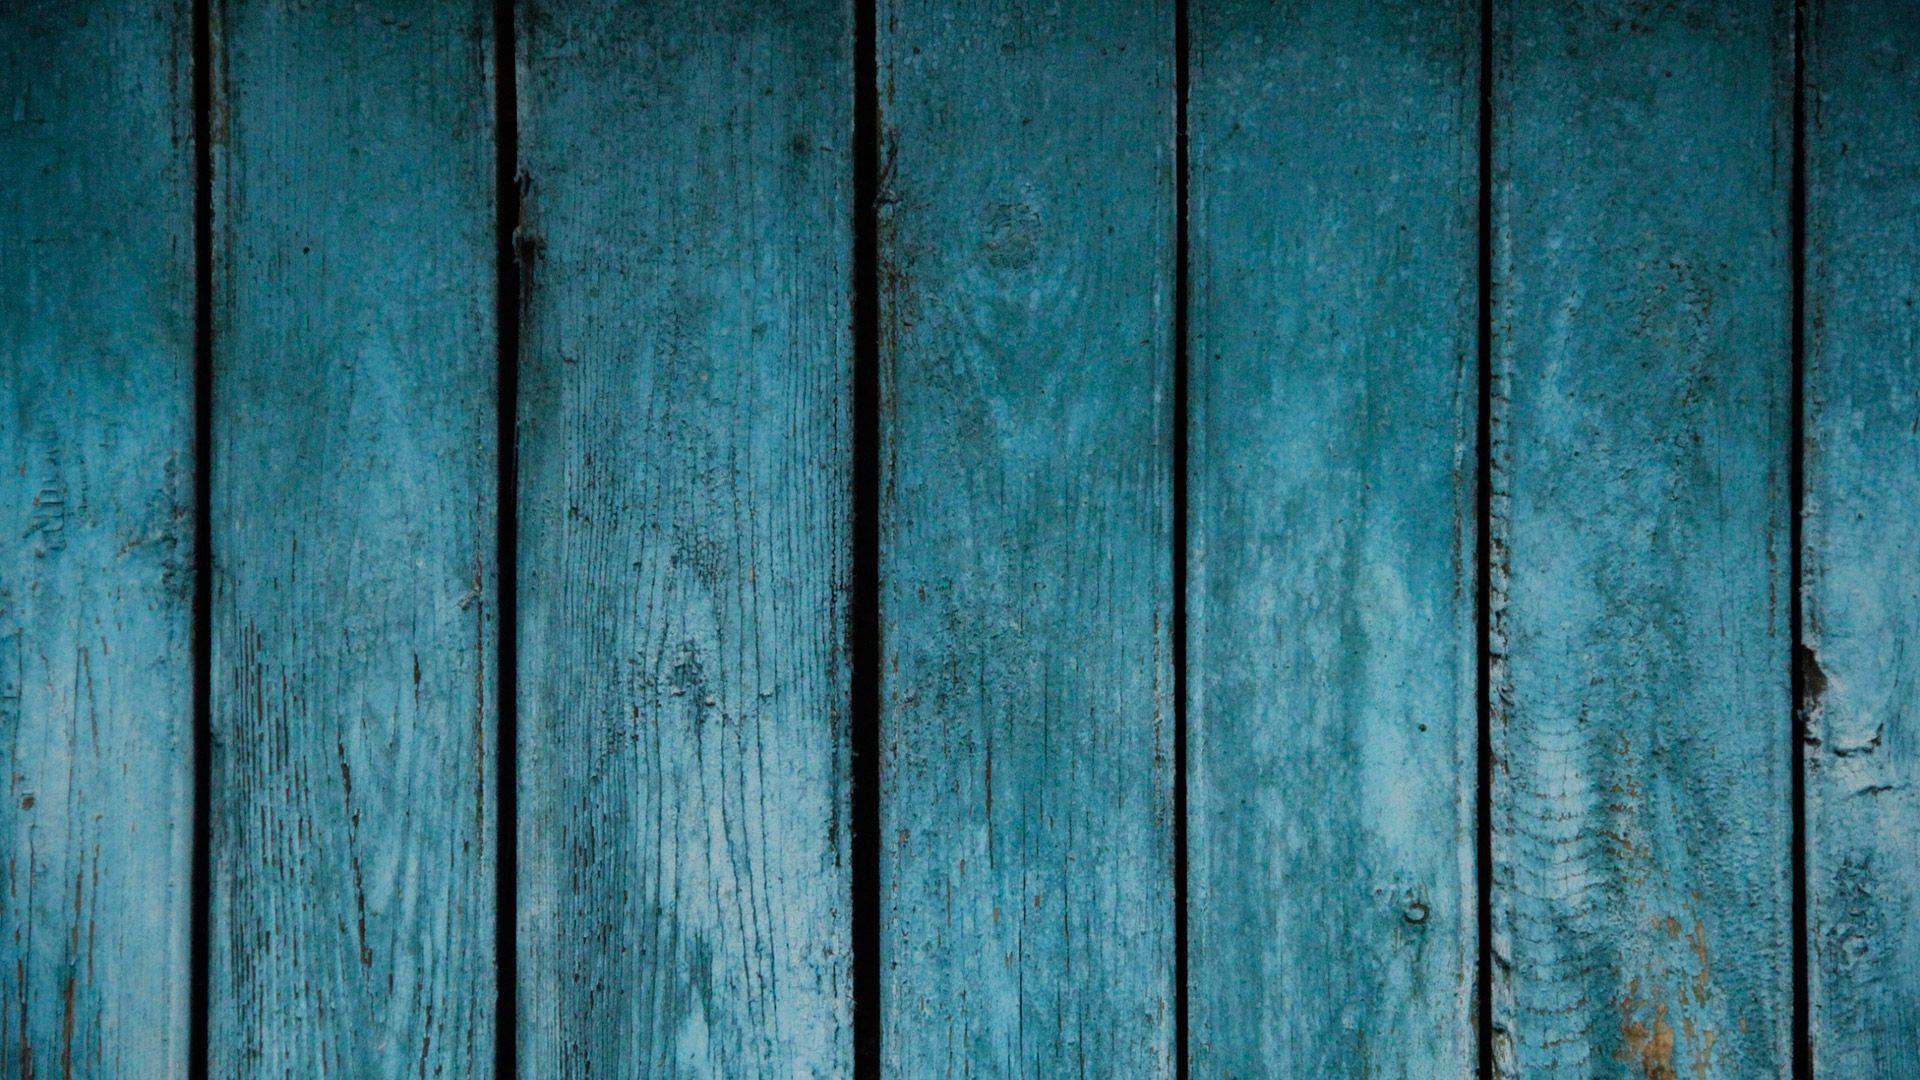 Fondos De Pantalla Madera Hd Vintage Para Fondo Celular En: Azules Madera Hd Minimalista Azul Escritorio 169 Texturas